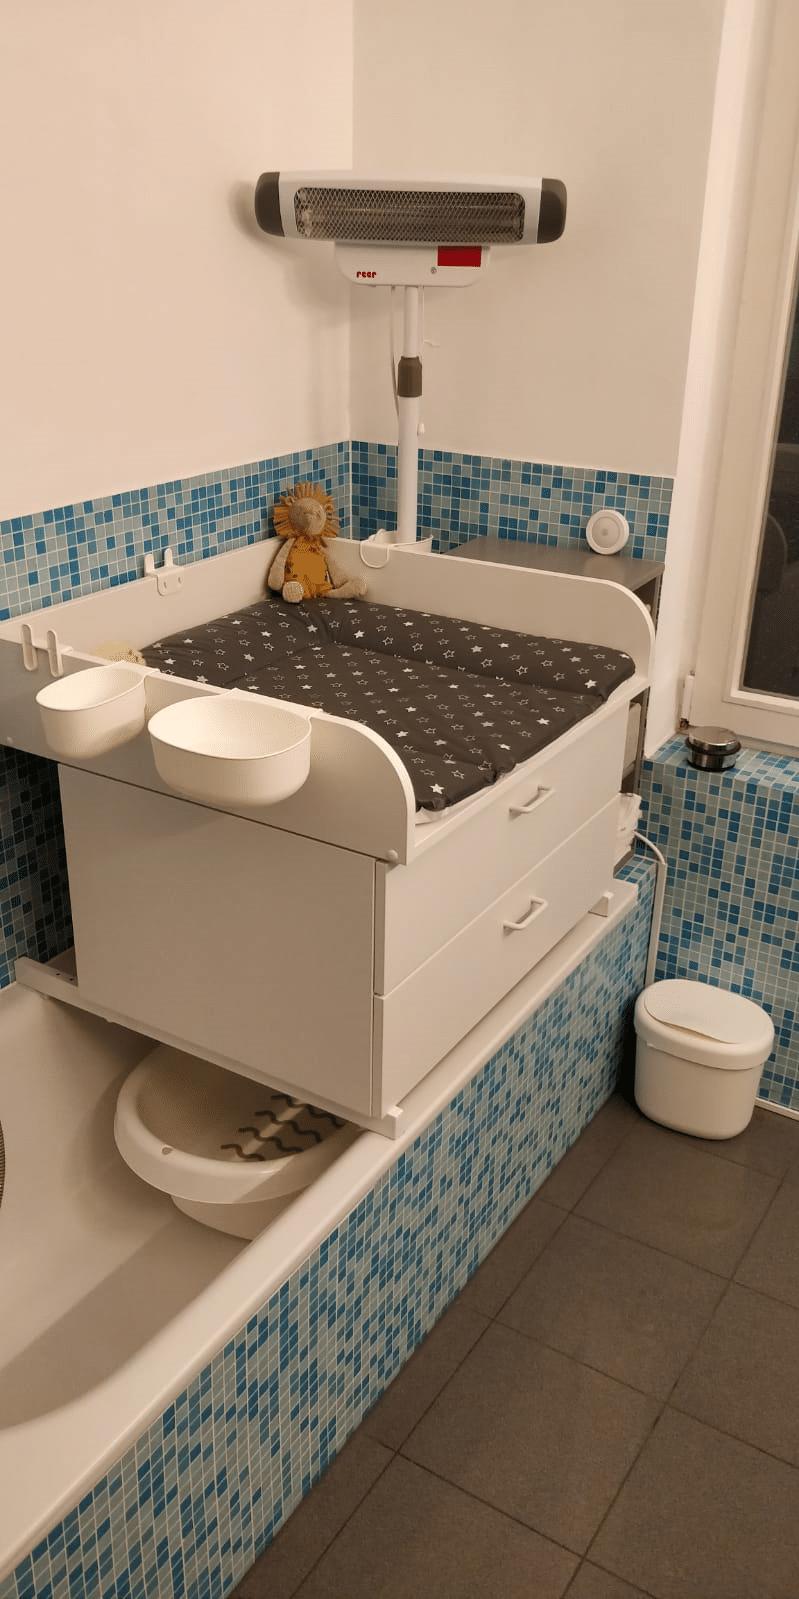 Badewannenwickelaufsatz mit Schubkasten   Möbel Alternative